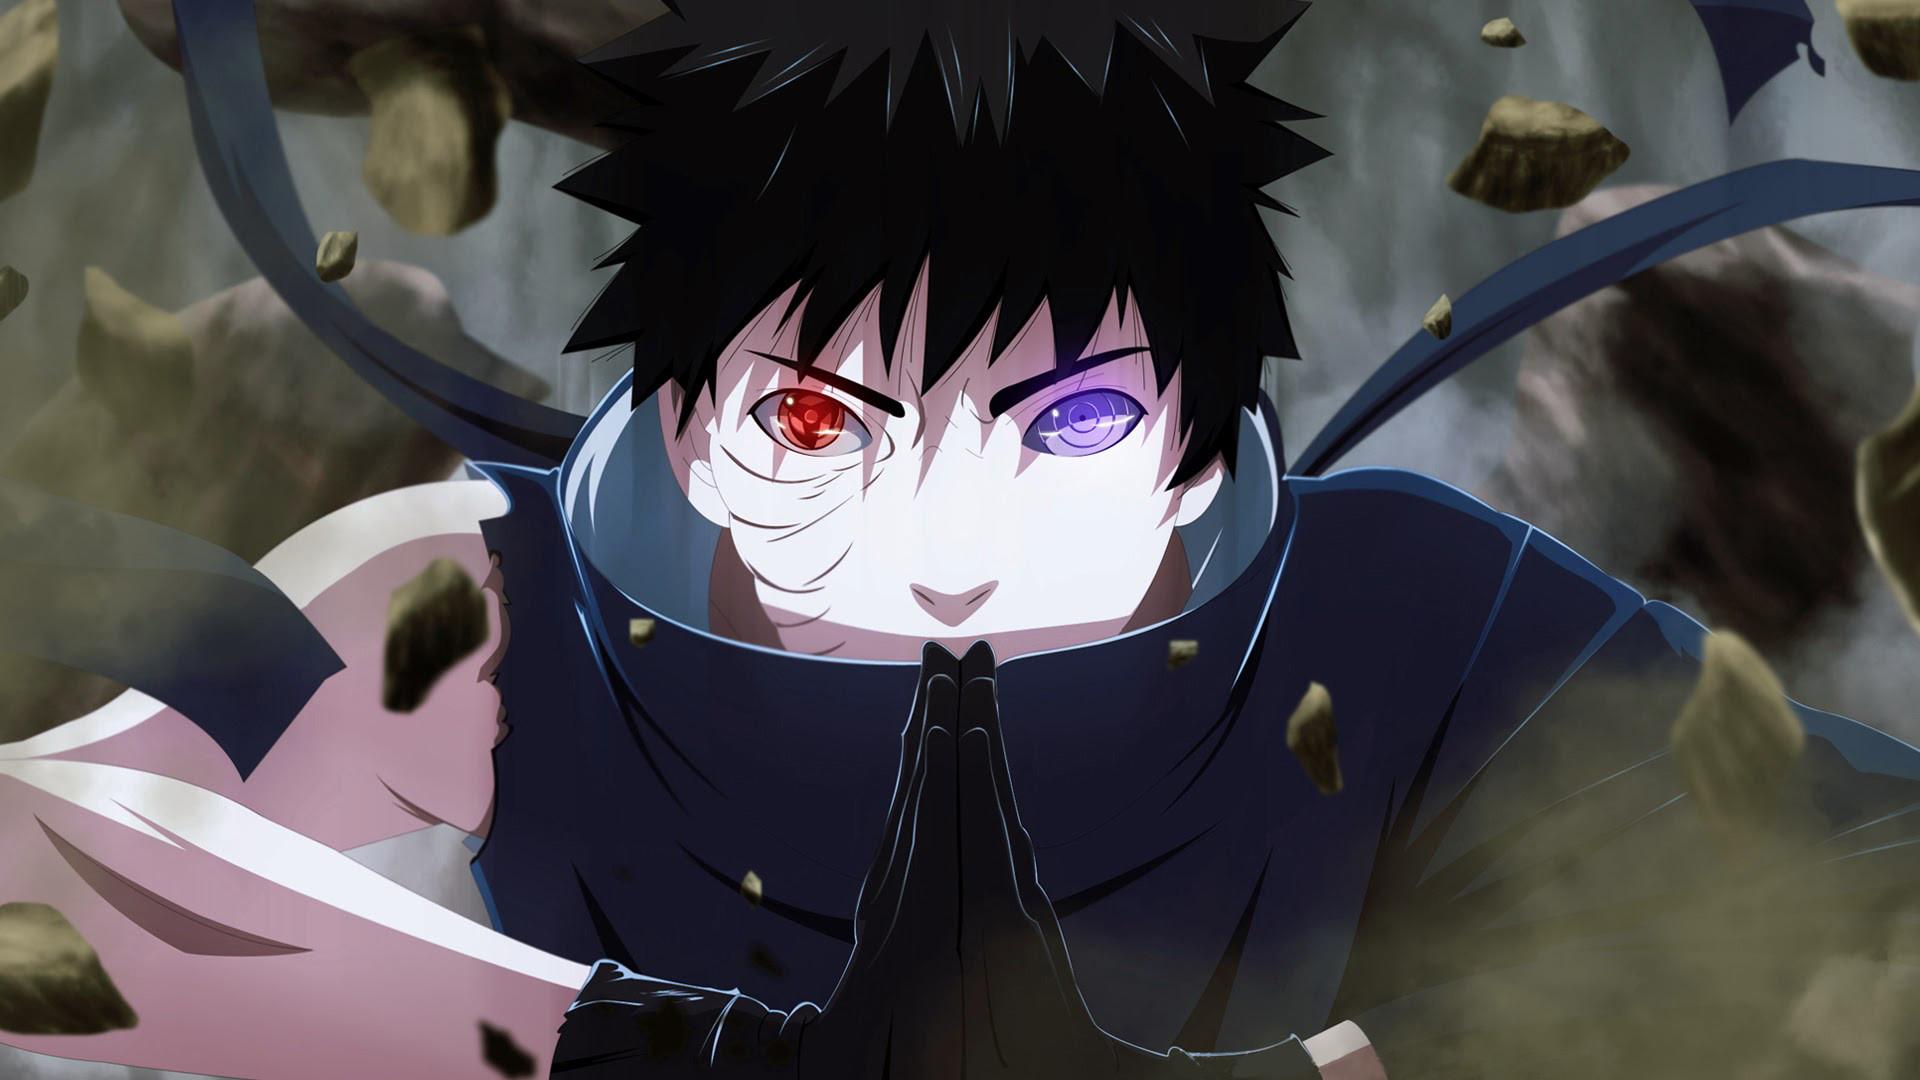 Anime – Naruto Rinnegan (Naruto) Sharingan (Naruto) Obito Uchiha Wallpaper